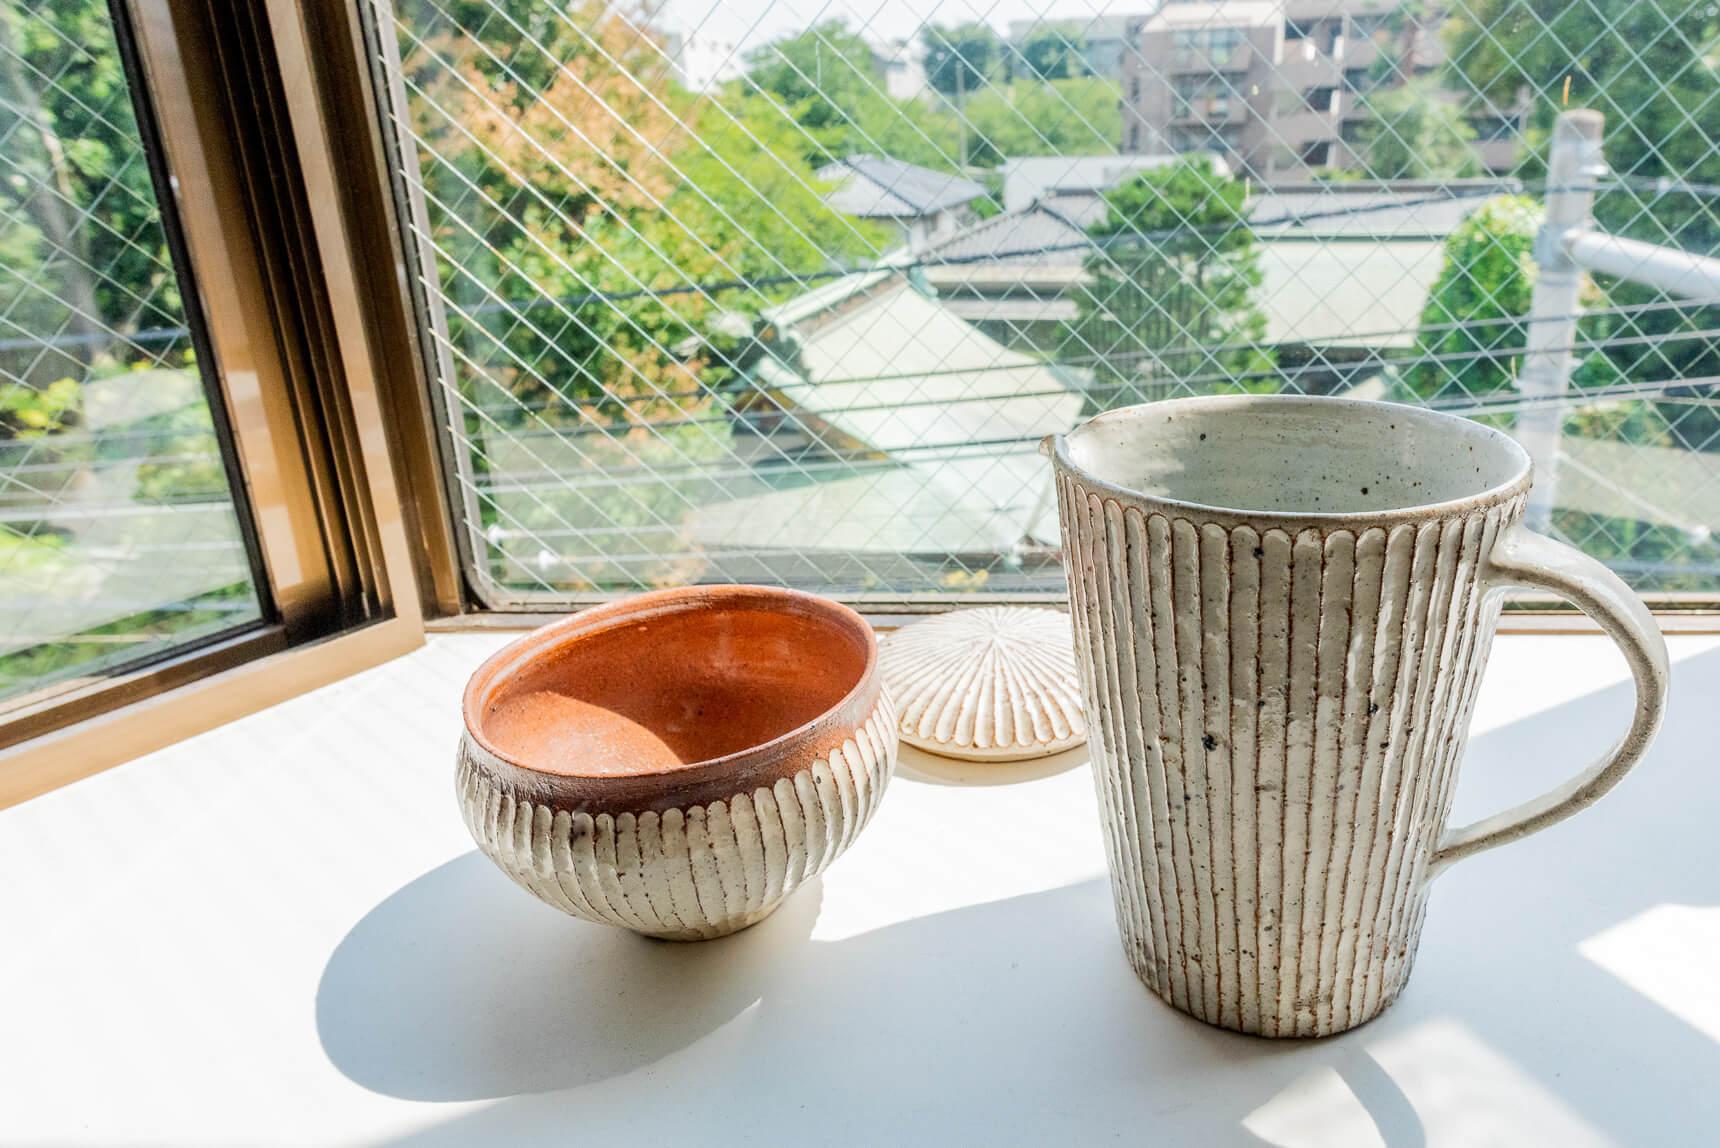 出窓に置かれたかっこいい焼き物は、陶芸家である叔母さま作のものだそうだ。すてき。